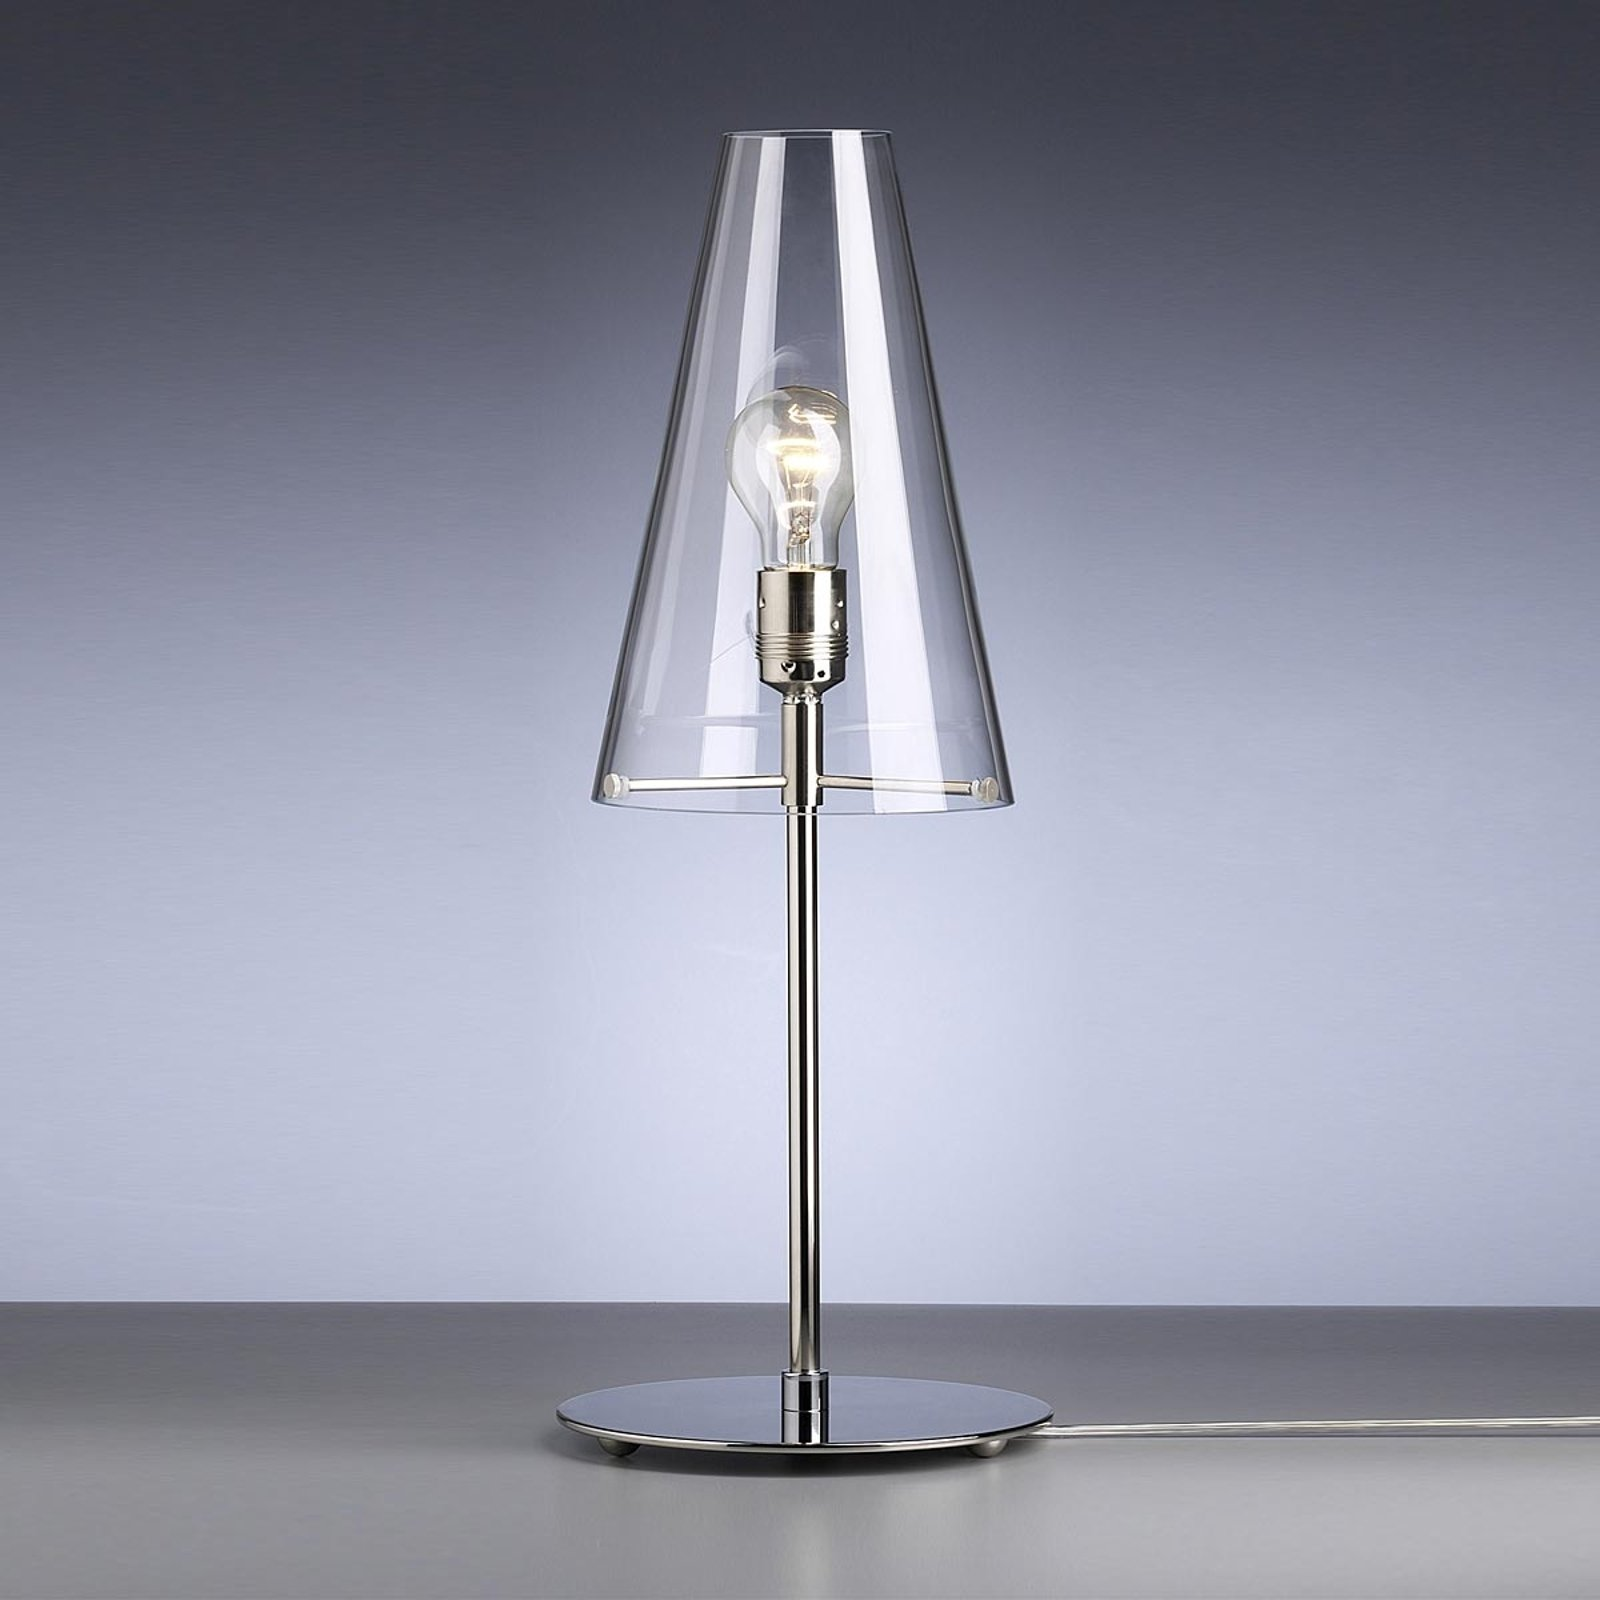 Bordlampe av Walter Schnepel klar